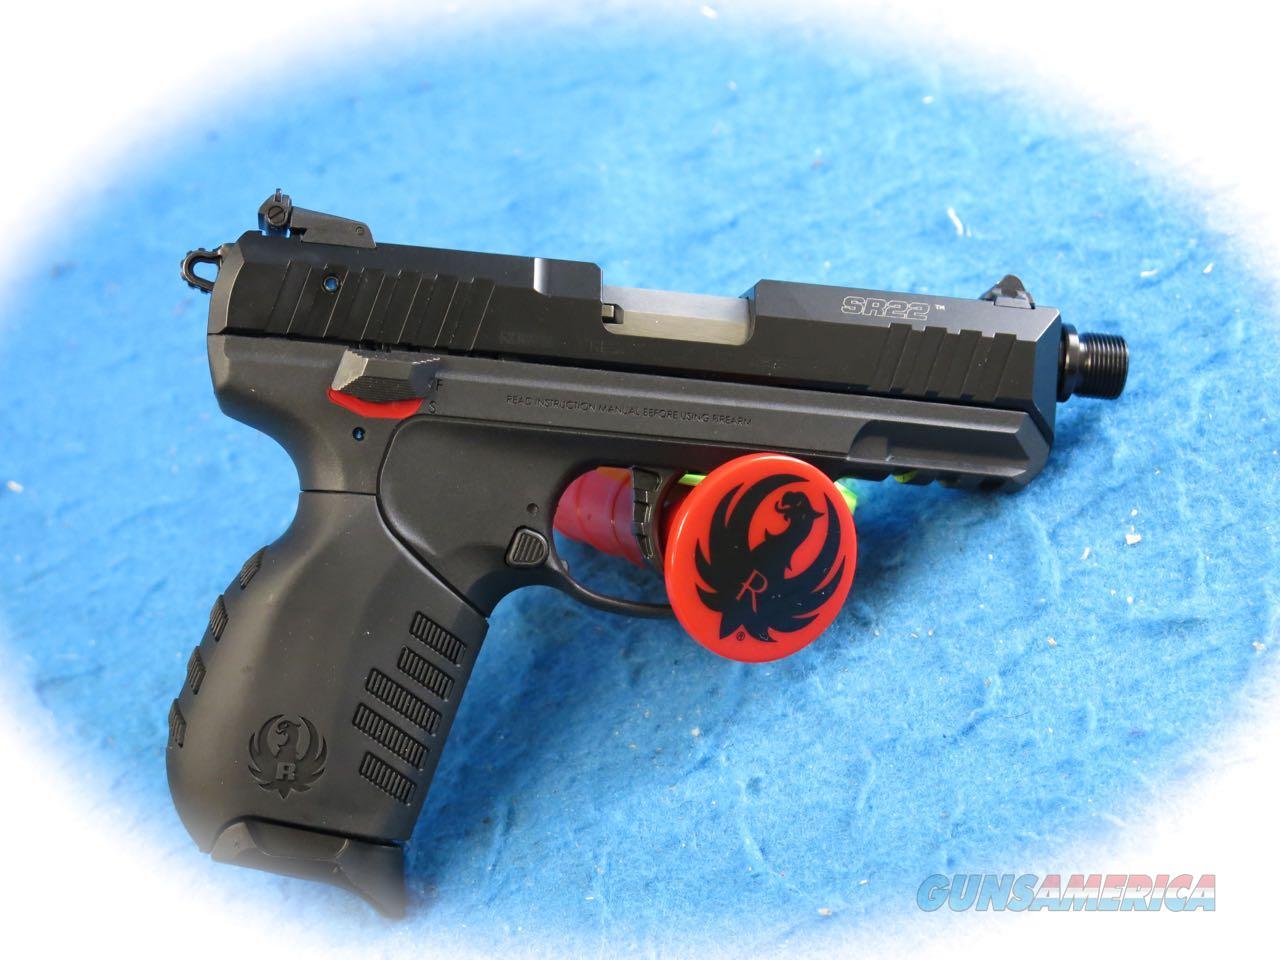 **SALE!!** Ruger SR22 .22LR Semi Auto Pistol W/TB **New**  Guns > Pistols > Ruger Semi-Auto Pistols > SR Family > SR22